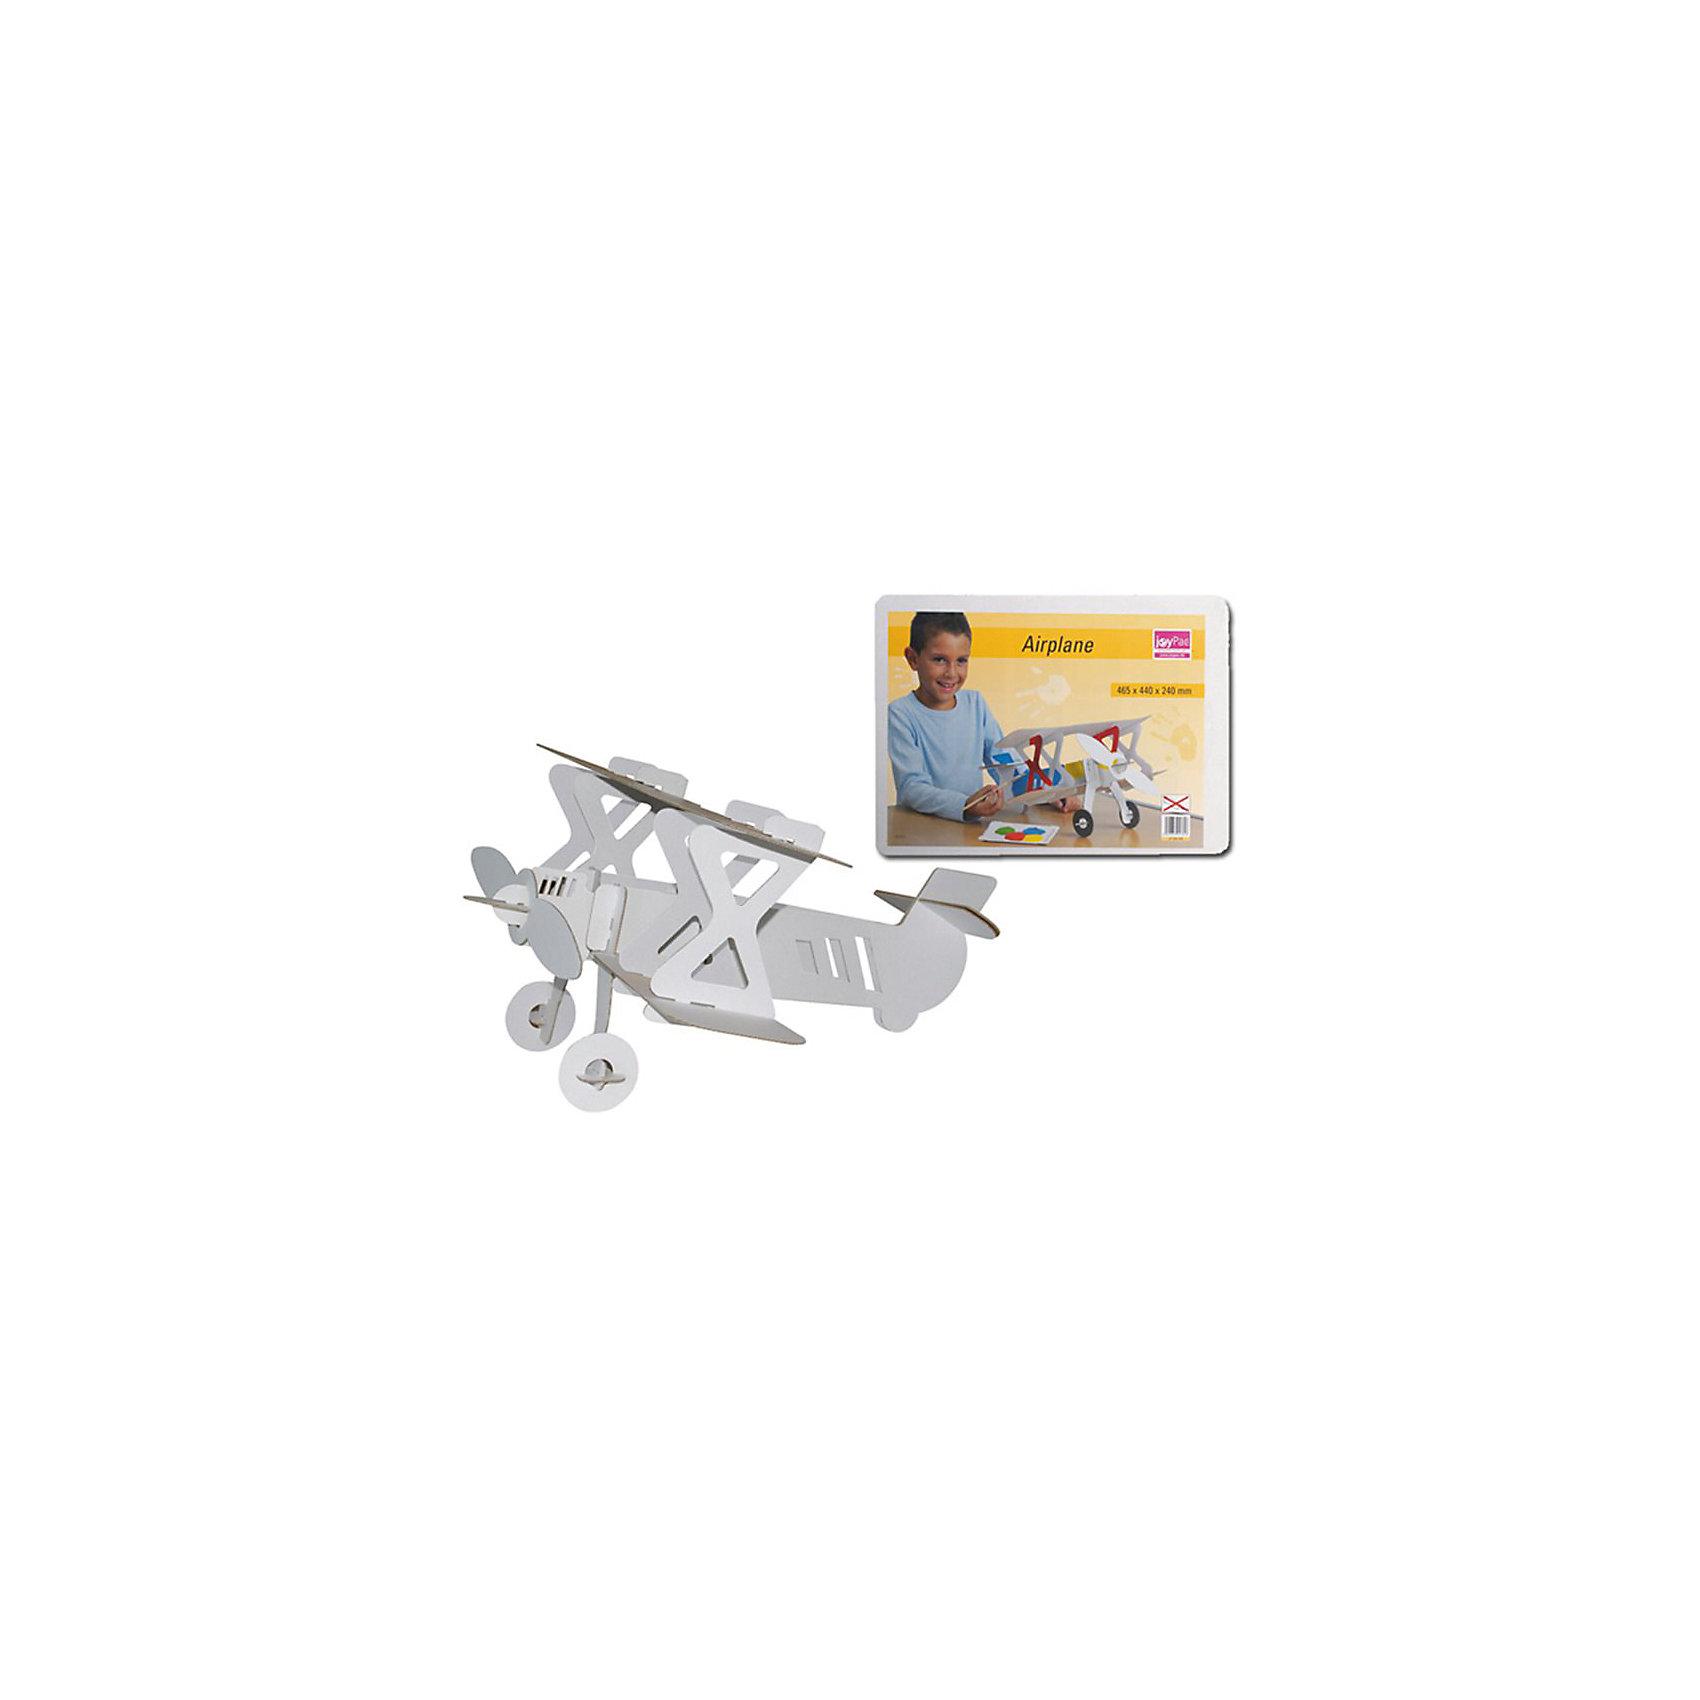 Картонный самолет для сборки и декорирования Joypac, C. KREULСборные модели транспорта<br>Картонный самолет для сборки и декорирования Joypac - идеальный подарок, для тех кому наскучило рисовать в альбоме! Будущие покорители воздушных просторов по достоинству оценят картонный самолет! Небольшие размеры не лишают его свойств, присущих настоящему летательному аппарату – крылья, вращающийся мотор, шасси и крепкий корпус, сделанные из высококачественного картона! А каким будет аэроплан – красным, желтым или цветным, решит ваш маленький летчик! Заготовка из картона объёмная, не требует дополнительных клеящих средств для сборки, после сборки сразу можно декорировать и играть. Ребёнок сам сможет легко и быстро собрать изделие, материал отлично подходит для разукрашивания и декорирования!<br><br>Дополнительная информация:<br><br>- Собирается очень легко;<br>- Прочный материал позволит играть с самолетом еще очень долго;<br>- Настоящая игрушка своими руками;<br>- Стены самолета белые - полная свобода для художника;<br>- Разукрашивать самолет можно чем угодно: красками, карандашами, фломастерами;<br>- Материал: картон;<br>- Размер в собранном виде: 46 х 44 х 24;<br>- Размер упаковки: 47 х 33 х 1 см;<br>- Вес: 0,3 кг<br><br>Картонный самолет для сборки и декорирования Joypac можно купить в нашем интернет-магазине.<br><br>Ширина мм: 470<br>Глубина мм: 10<br>Высота мм: 330<br>Вес г: 300<br>Возраст от месяцев: 72<br>Возраст до месяцев: 1200<br>Пол: Унисекс<br>Возраст: Детский<br>SKU: 1858335